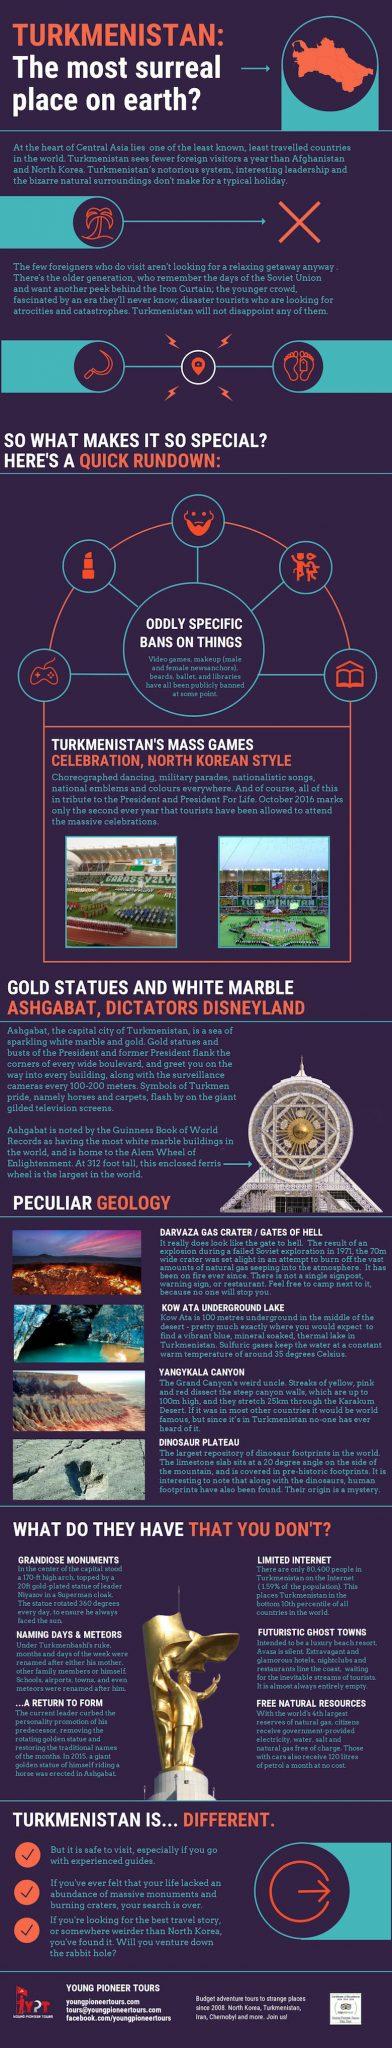 turkmenistan tours facts infographic